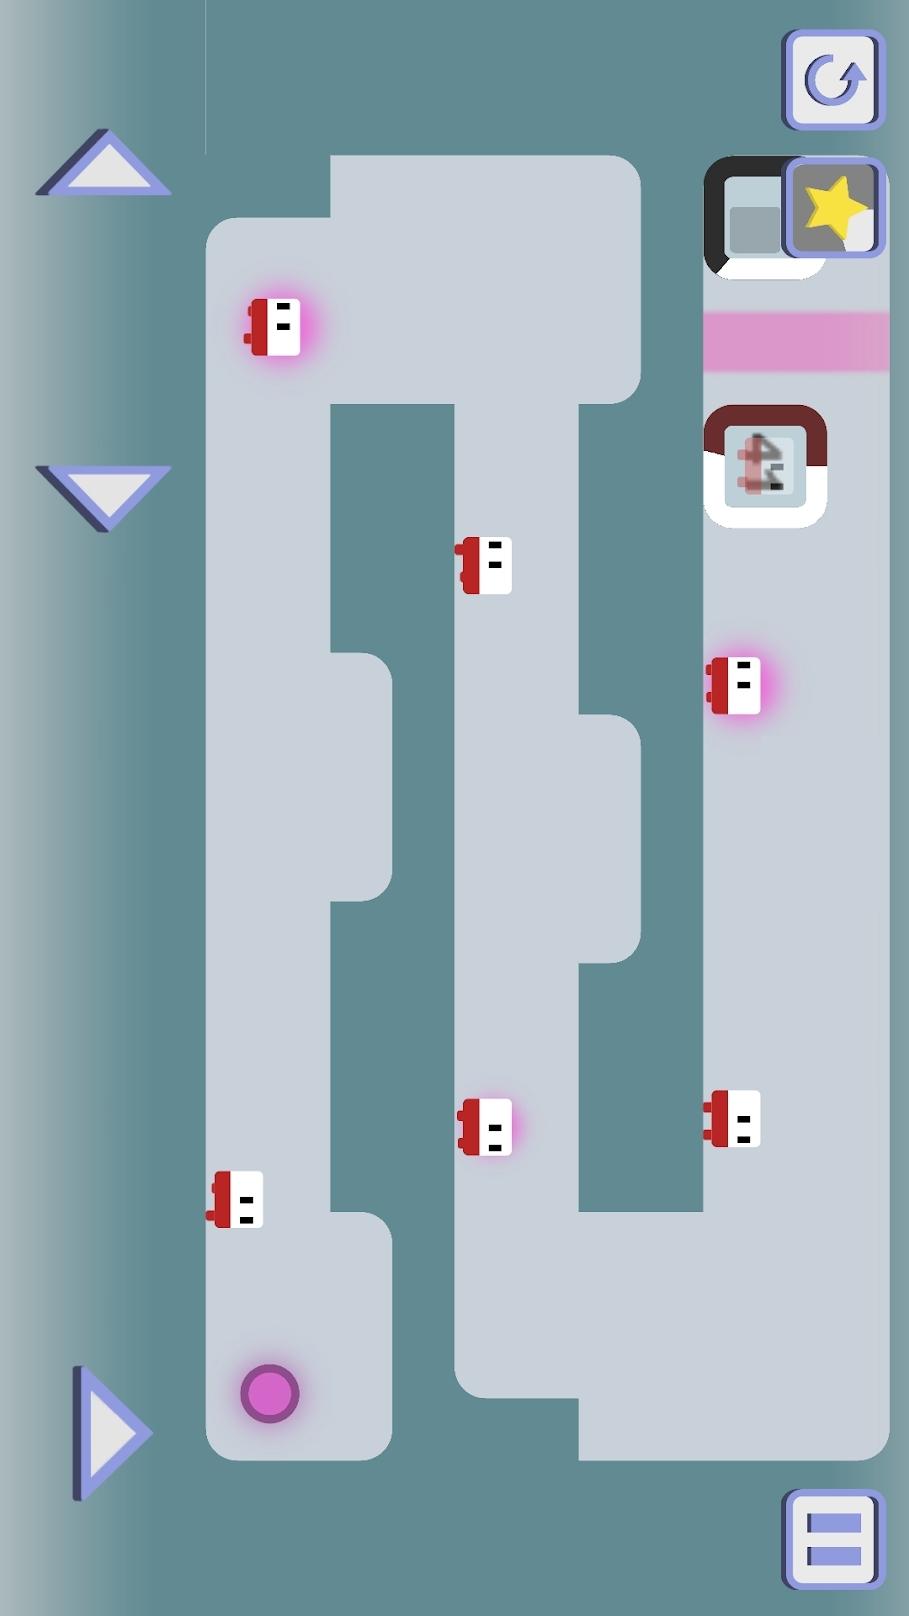 环形模拟游戏截图